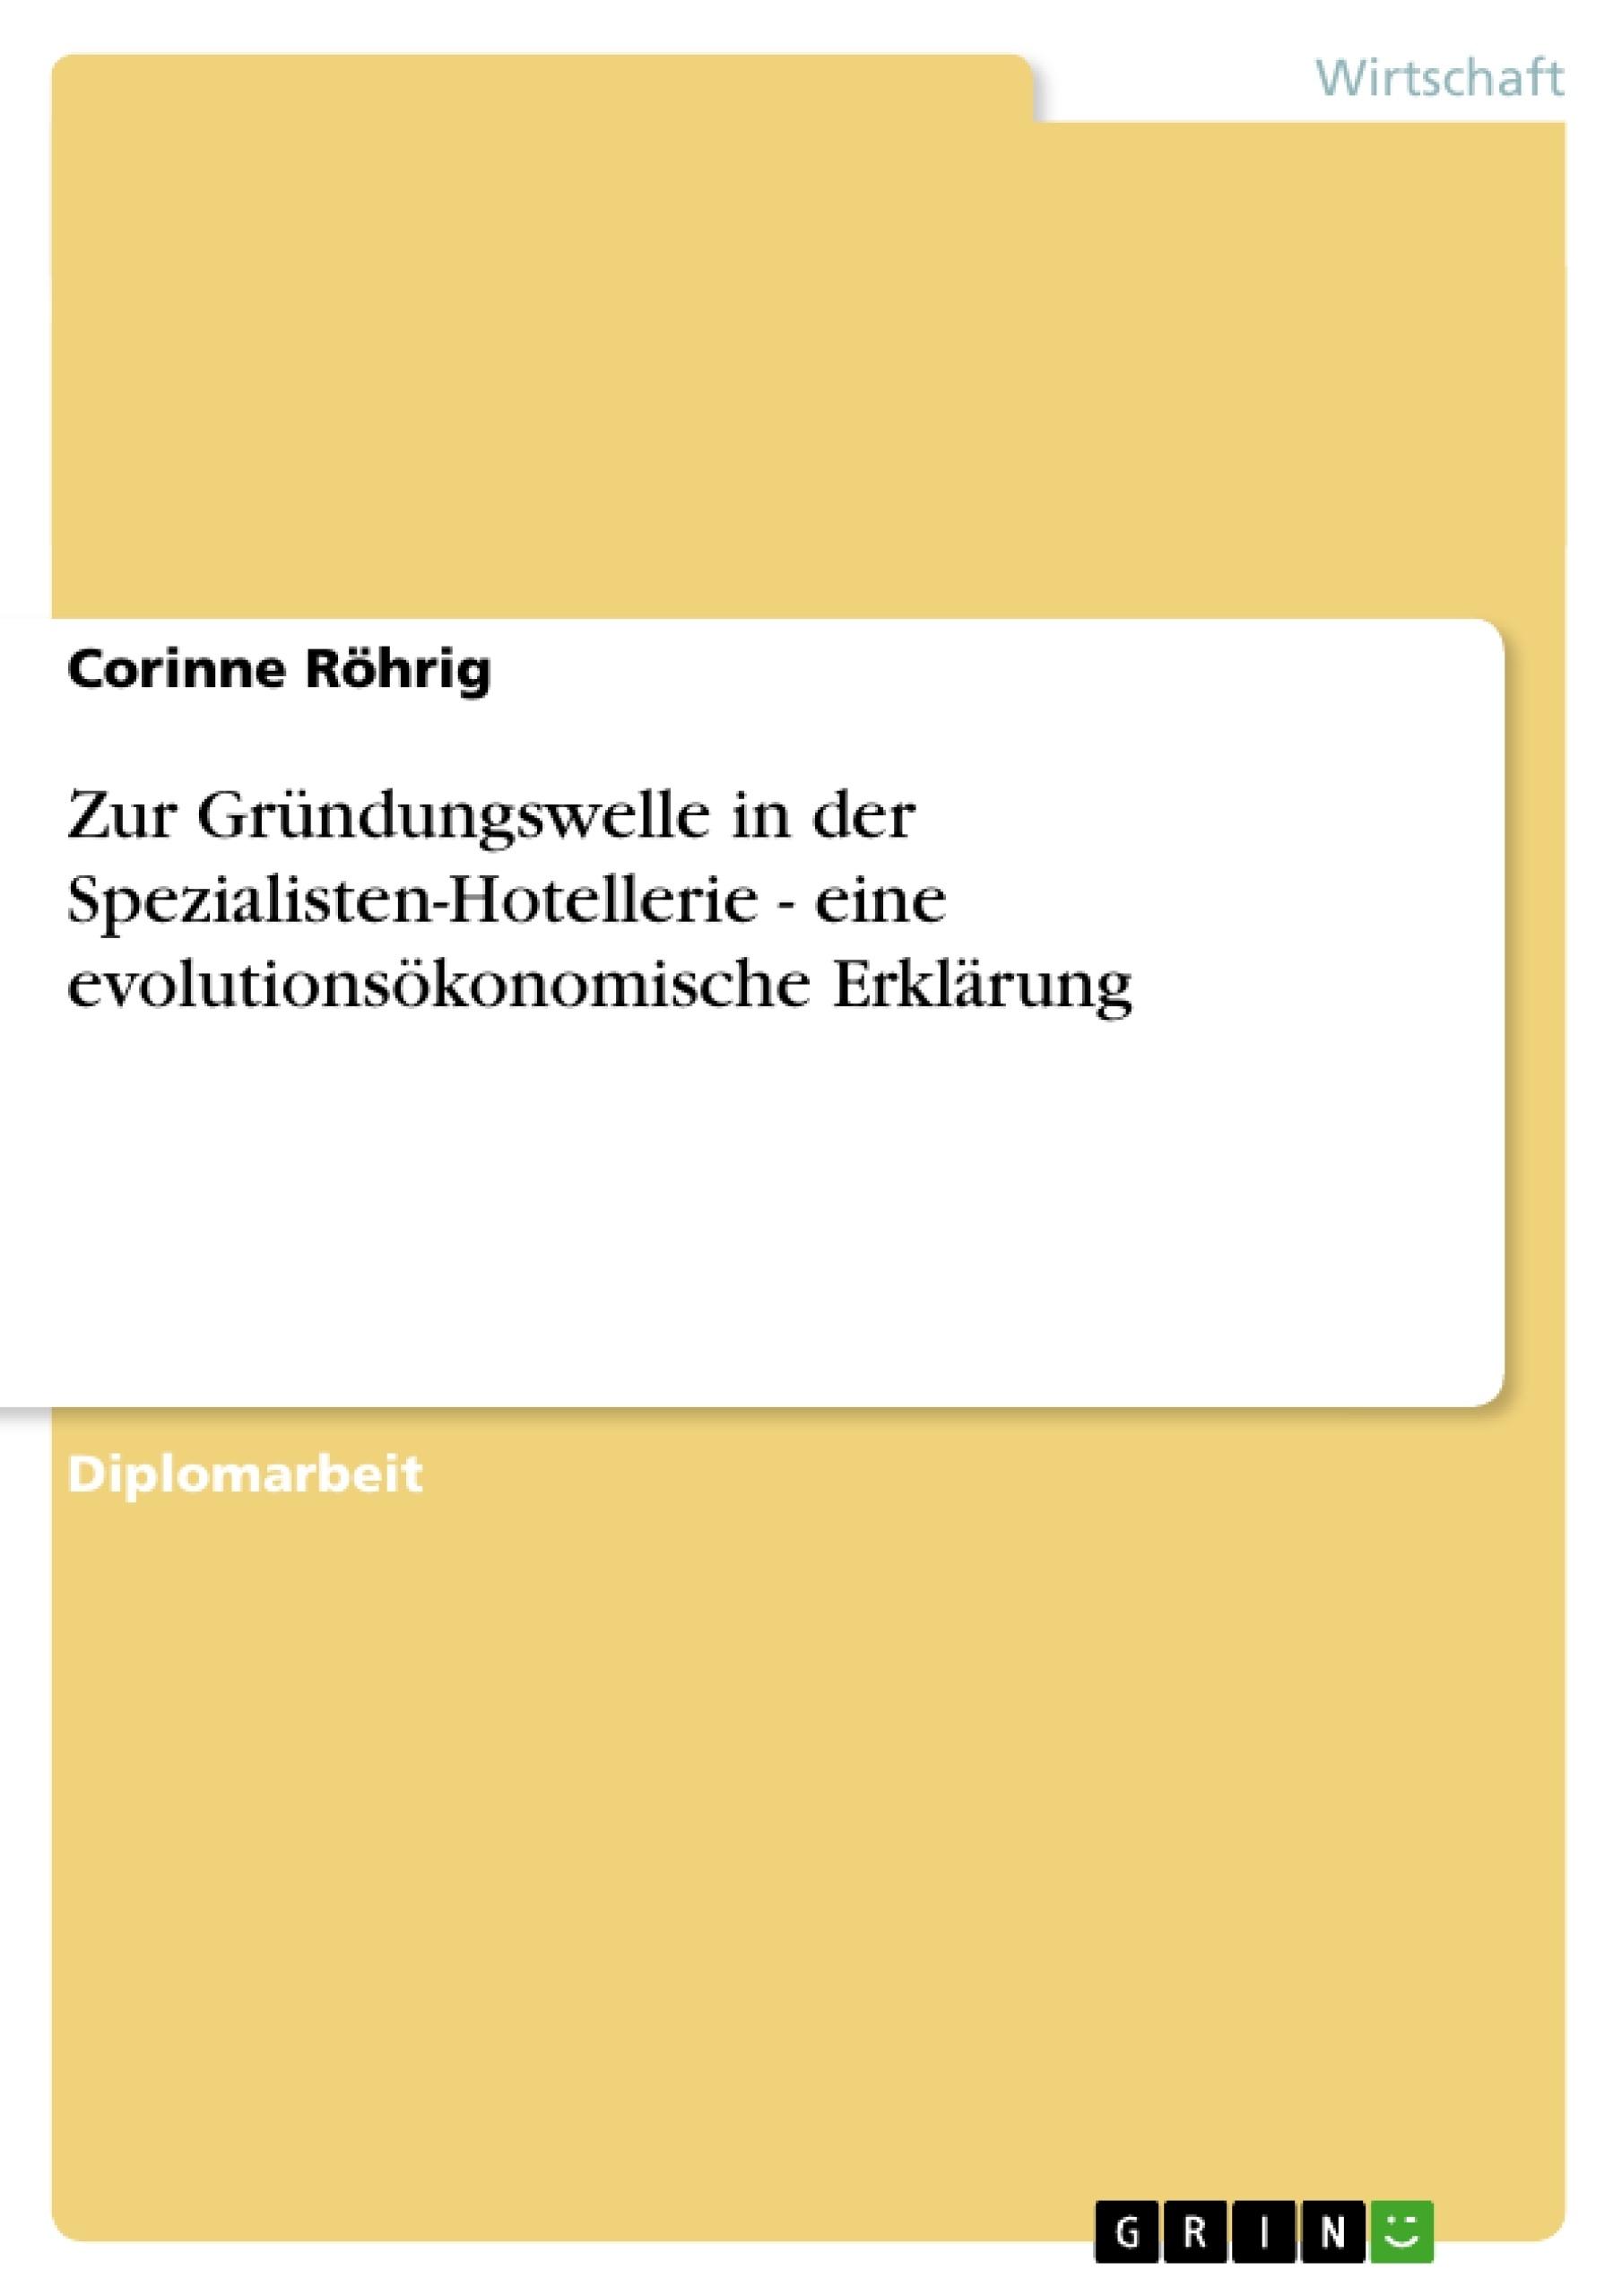 Titel: Zur Gründungswelle in der Spezialisten-Hotellerie - eine evolutionsökonomische Erklärung